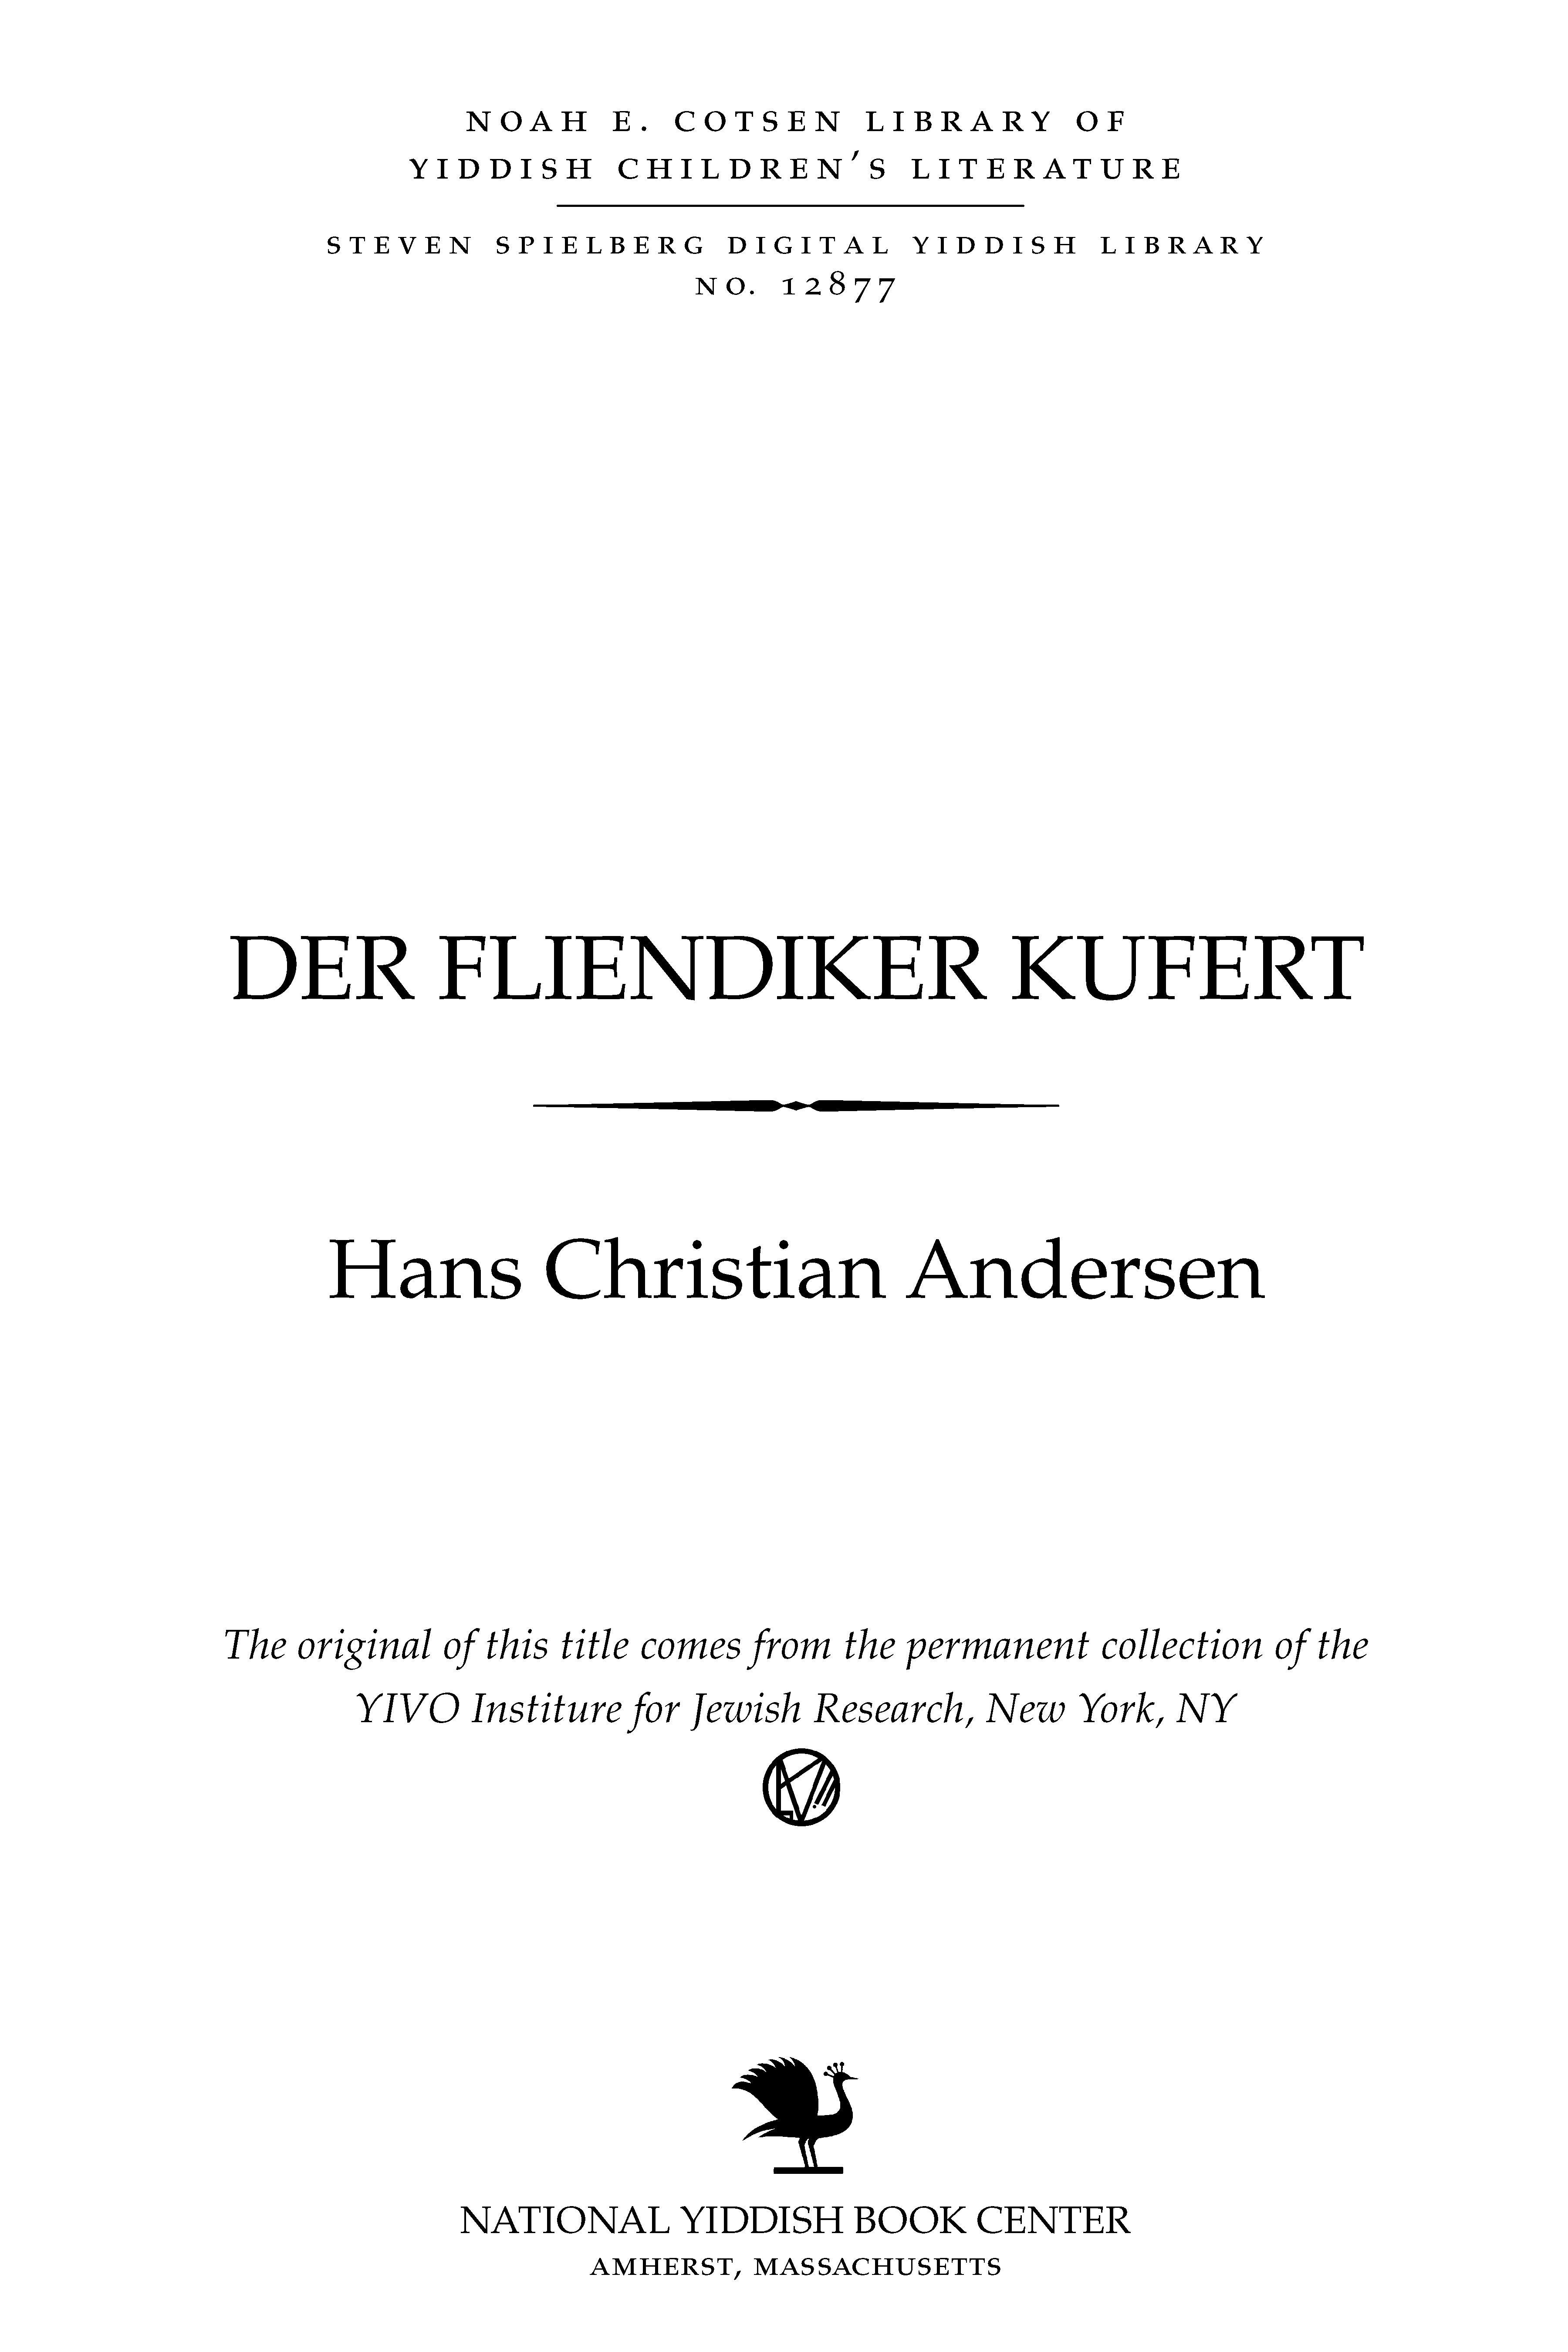 Cover of: Der flyendiḳer ḳuferṭ